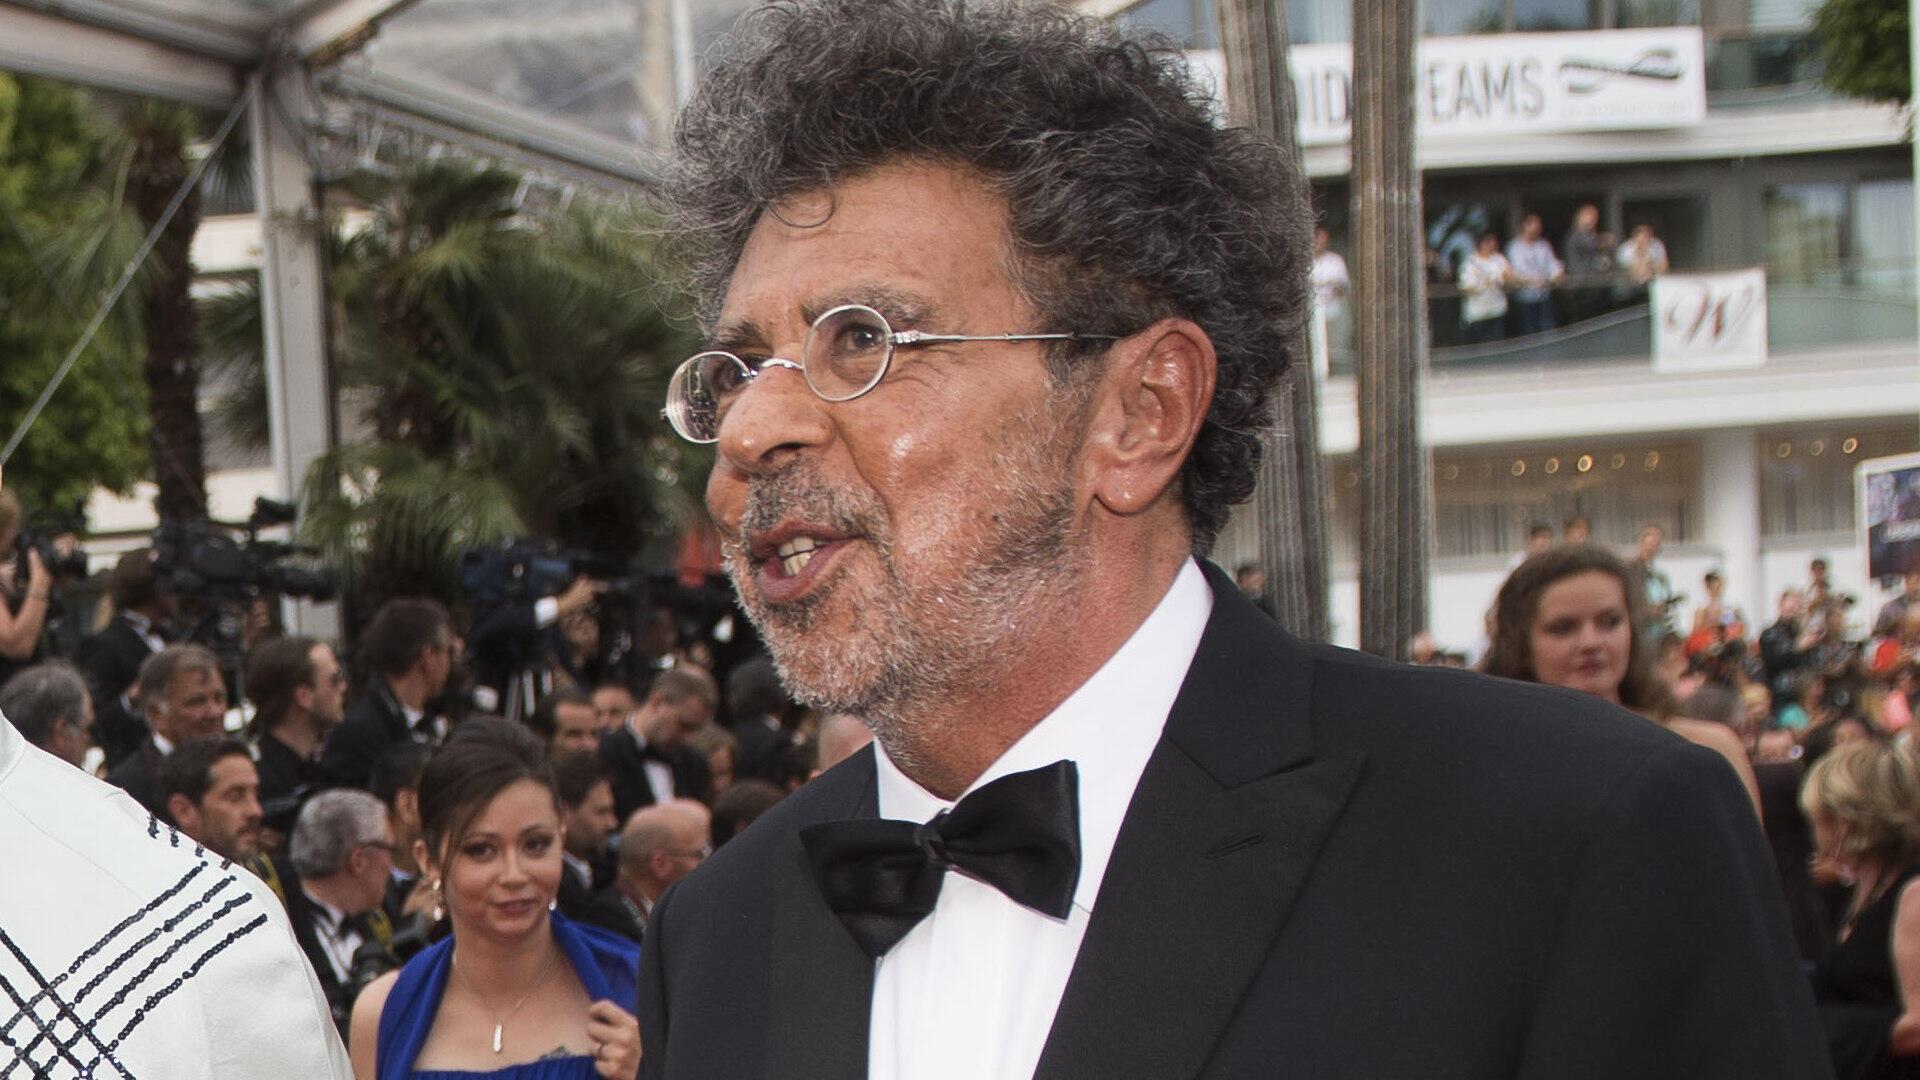 Gabriel Yared sur le Tapis rouge du 70e festival international du film de Cannes pour la projection du film «L'Amant double», le vendredi 26 mai 2017.